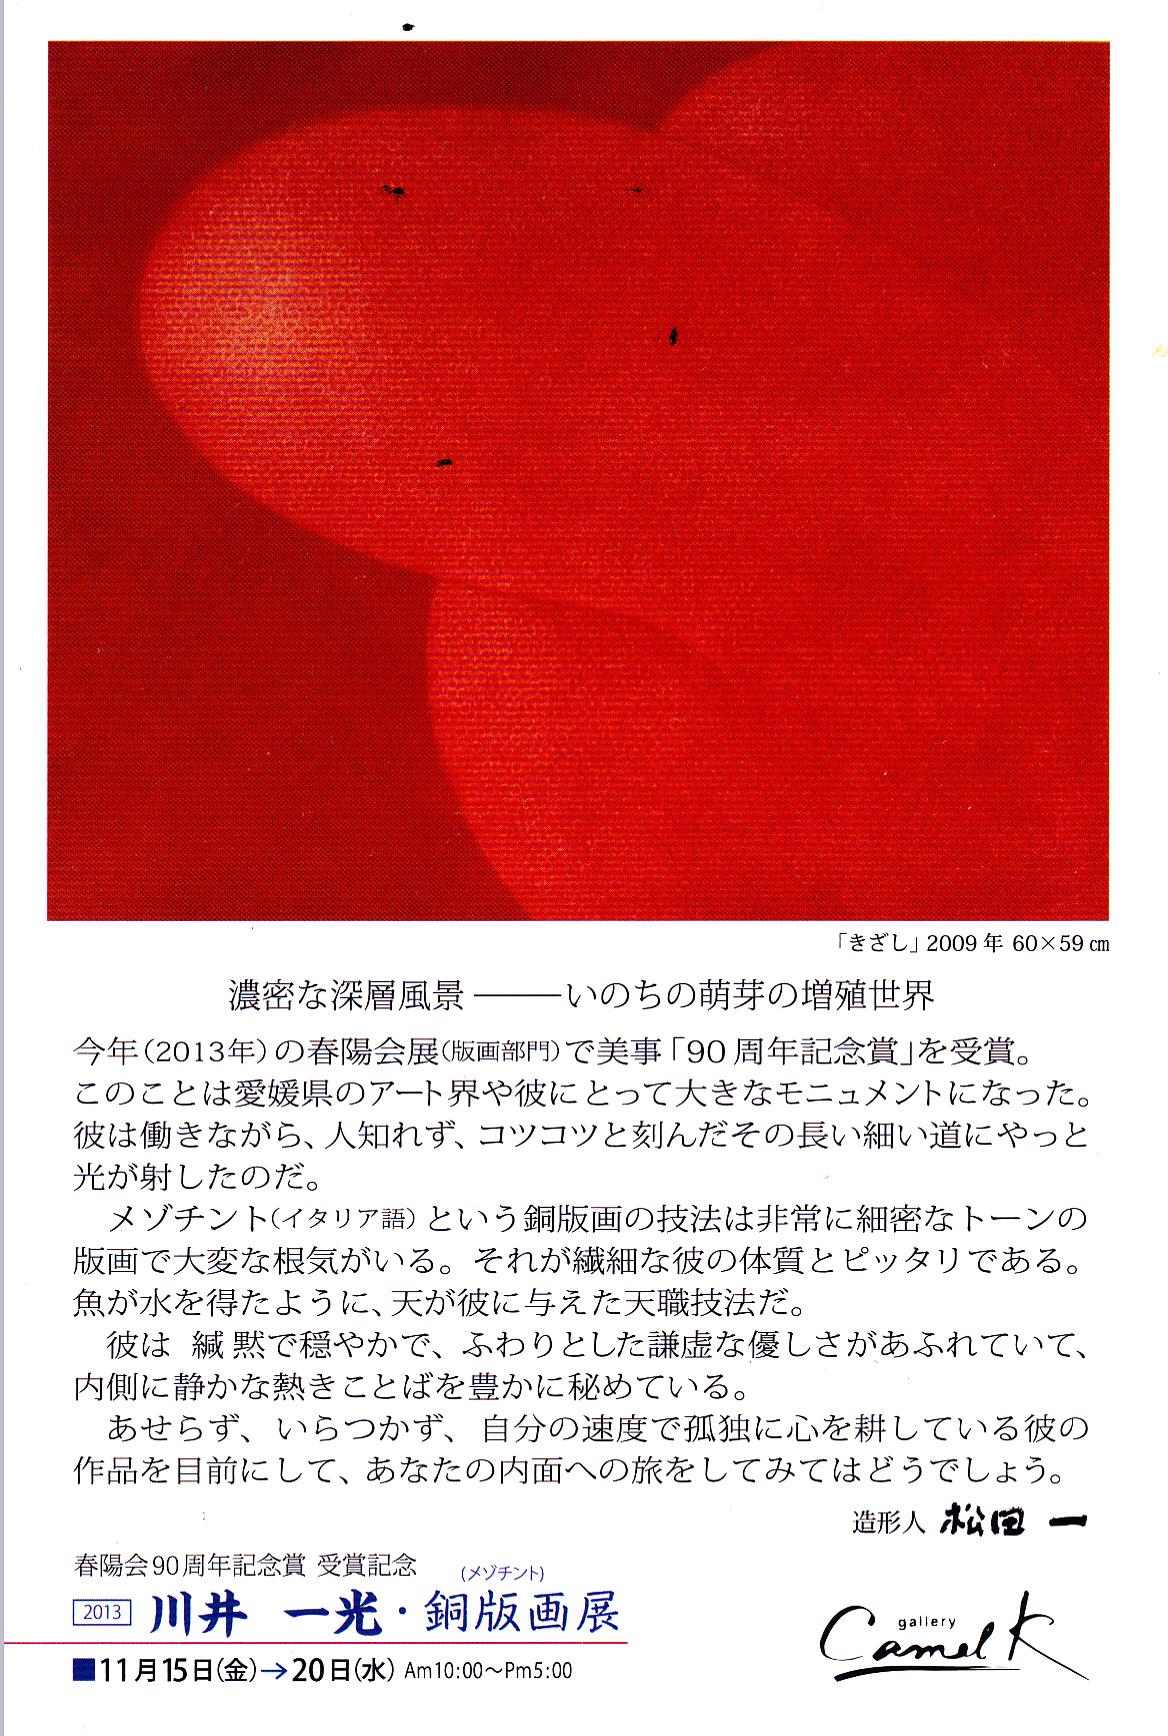 川井一光 銅版画展